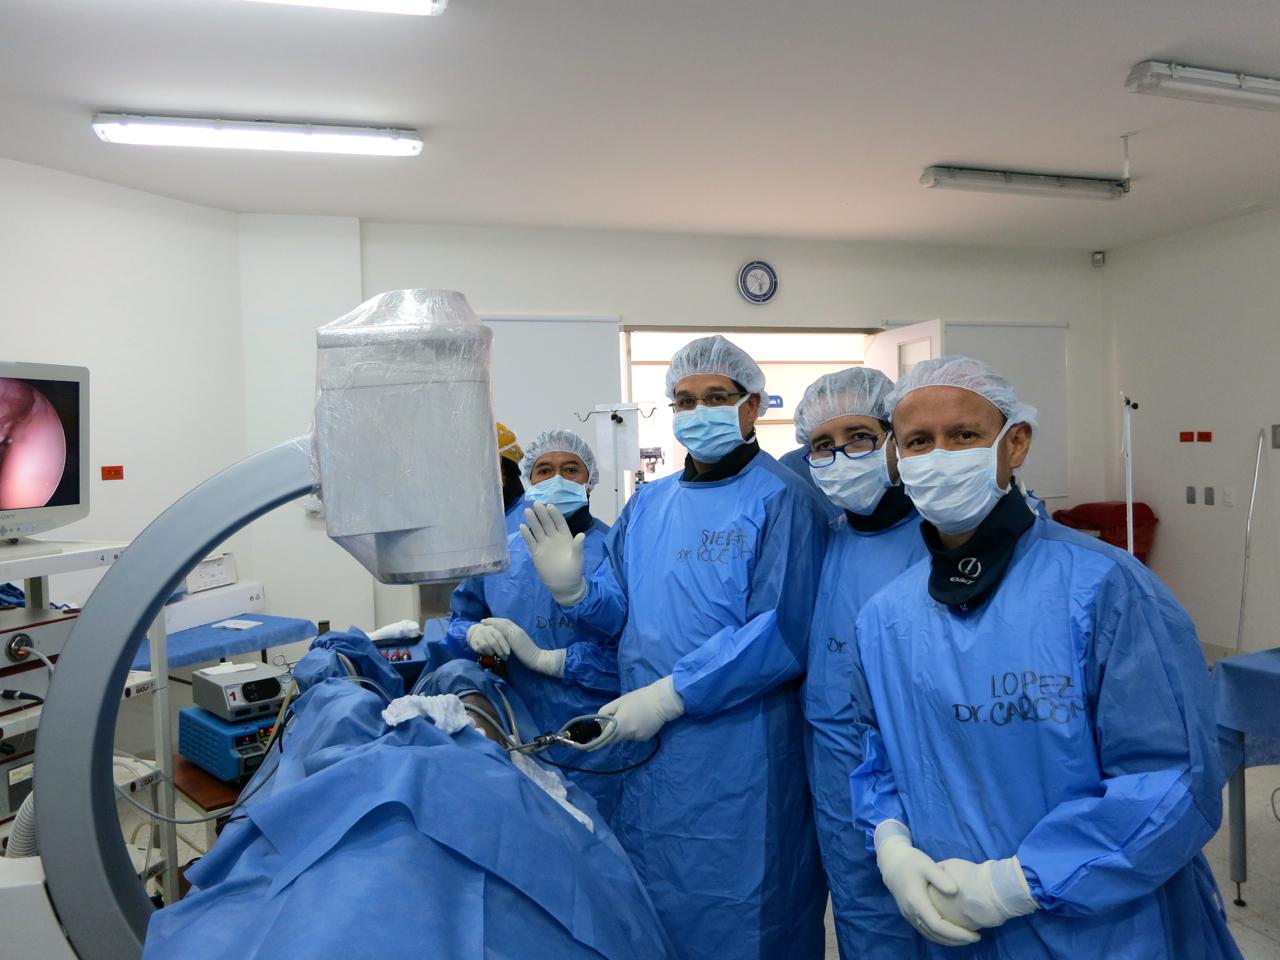 Grupo no treinamento clemi 2012